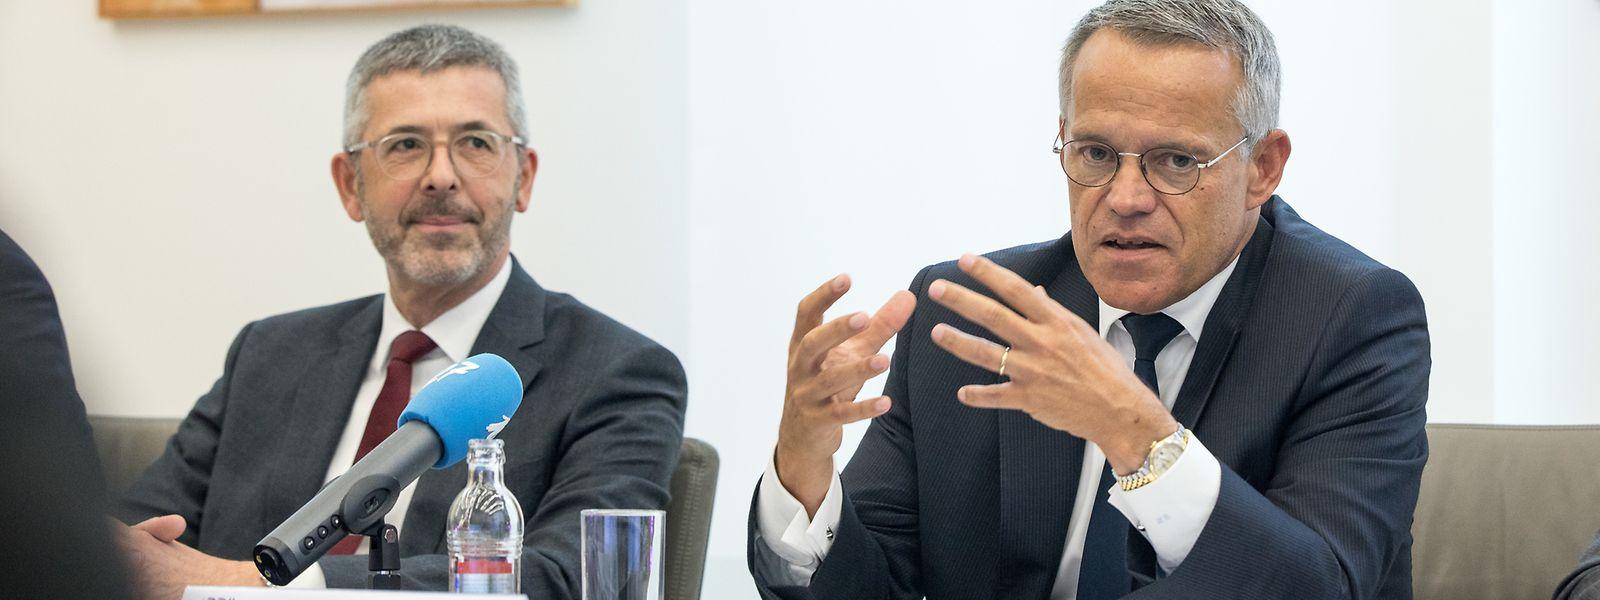 Führungsduo: CEO Serge de Cillia und Präsident Guy Hoffmann bei der Vorstellung des Banken-Geschäftsjahres 2018.